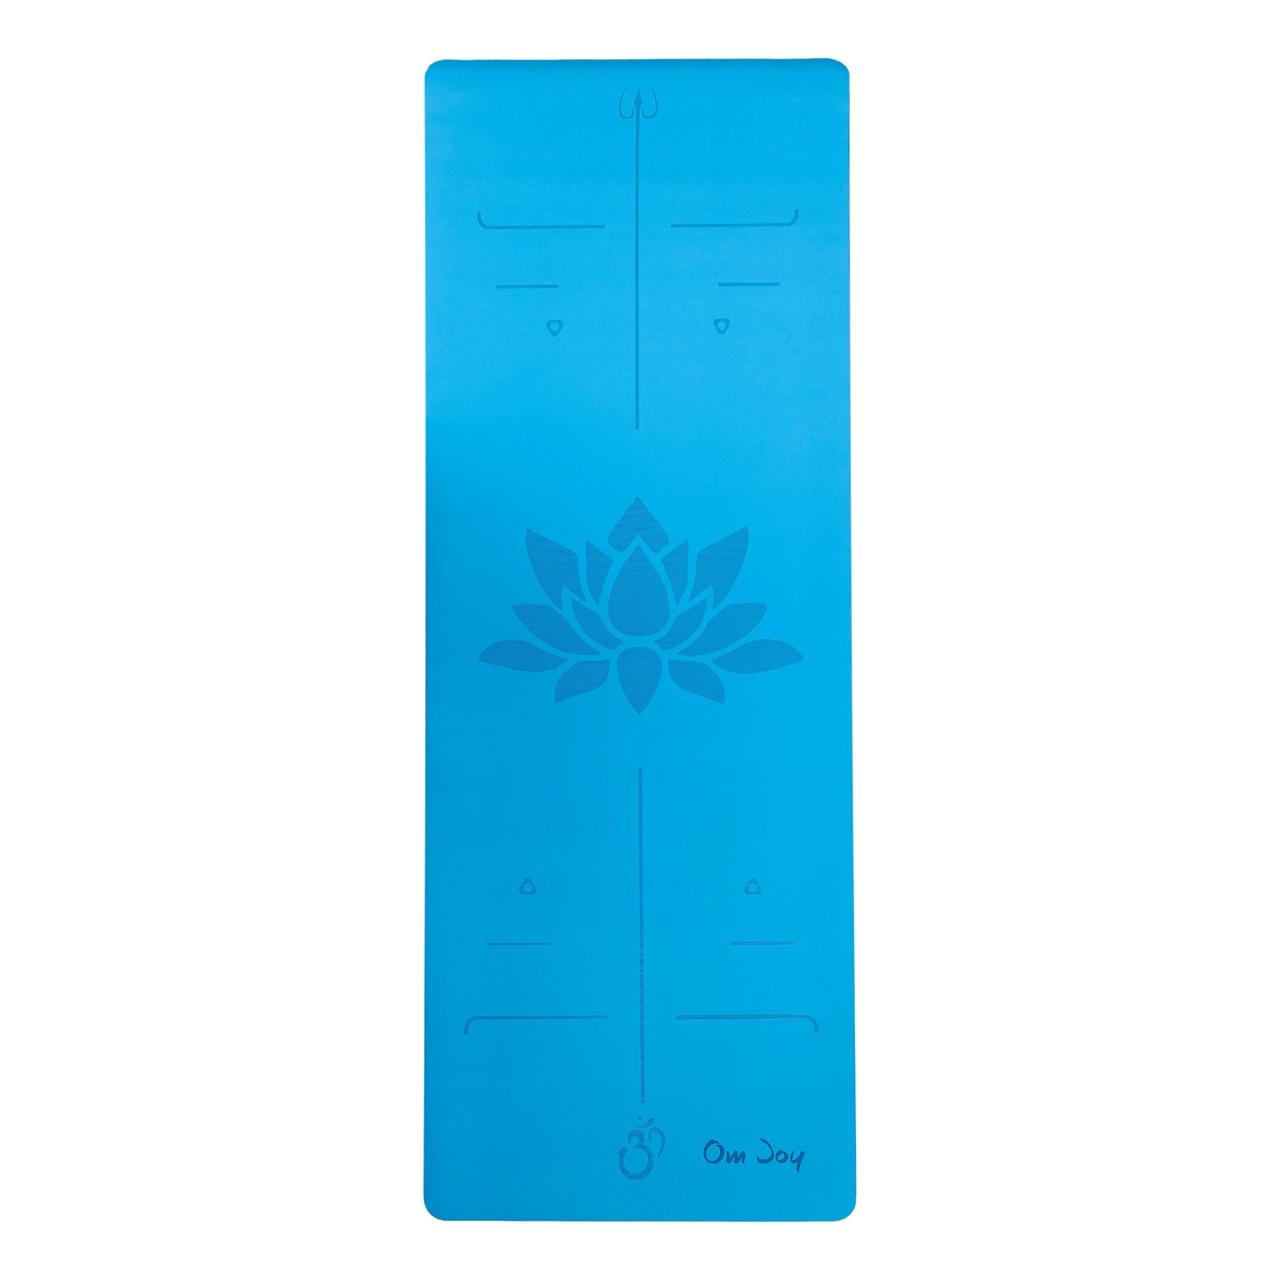 Tapete de Yoga PU Antiderrapante com Linhas de Postura